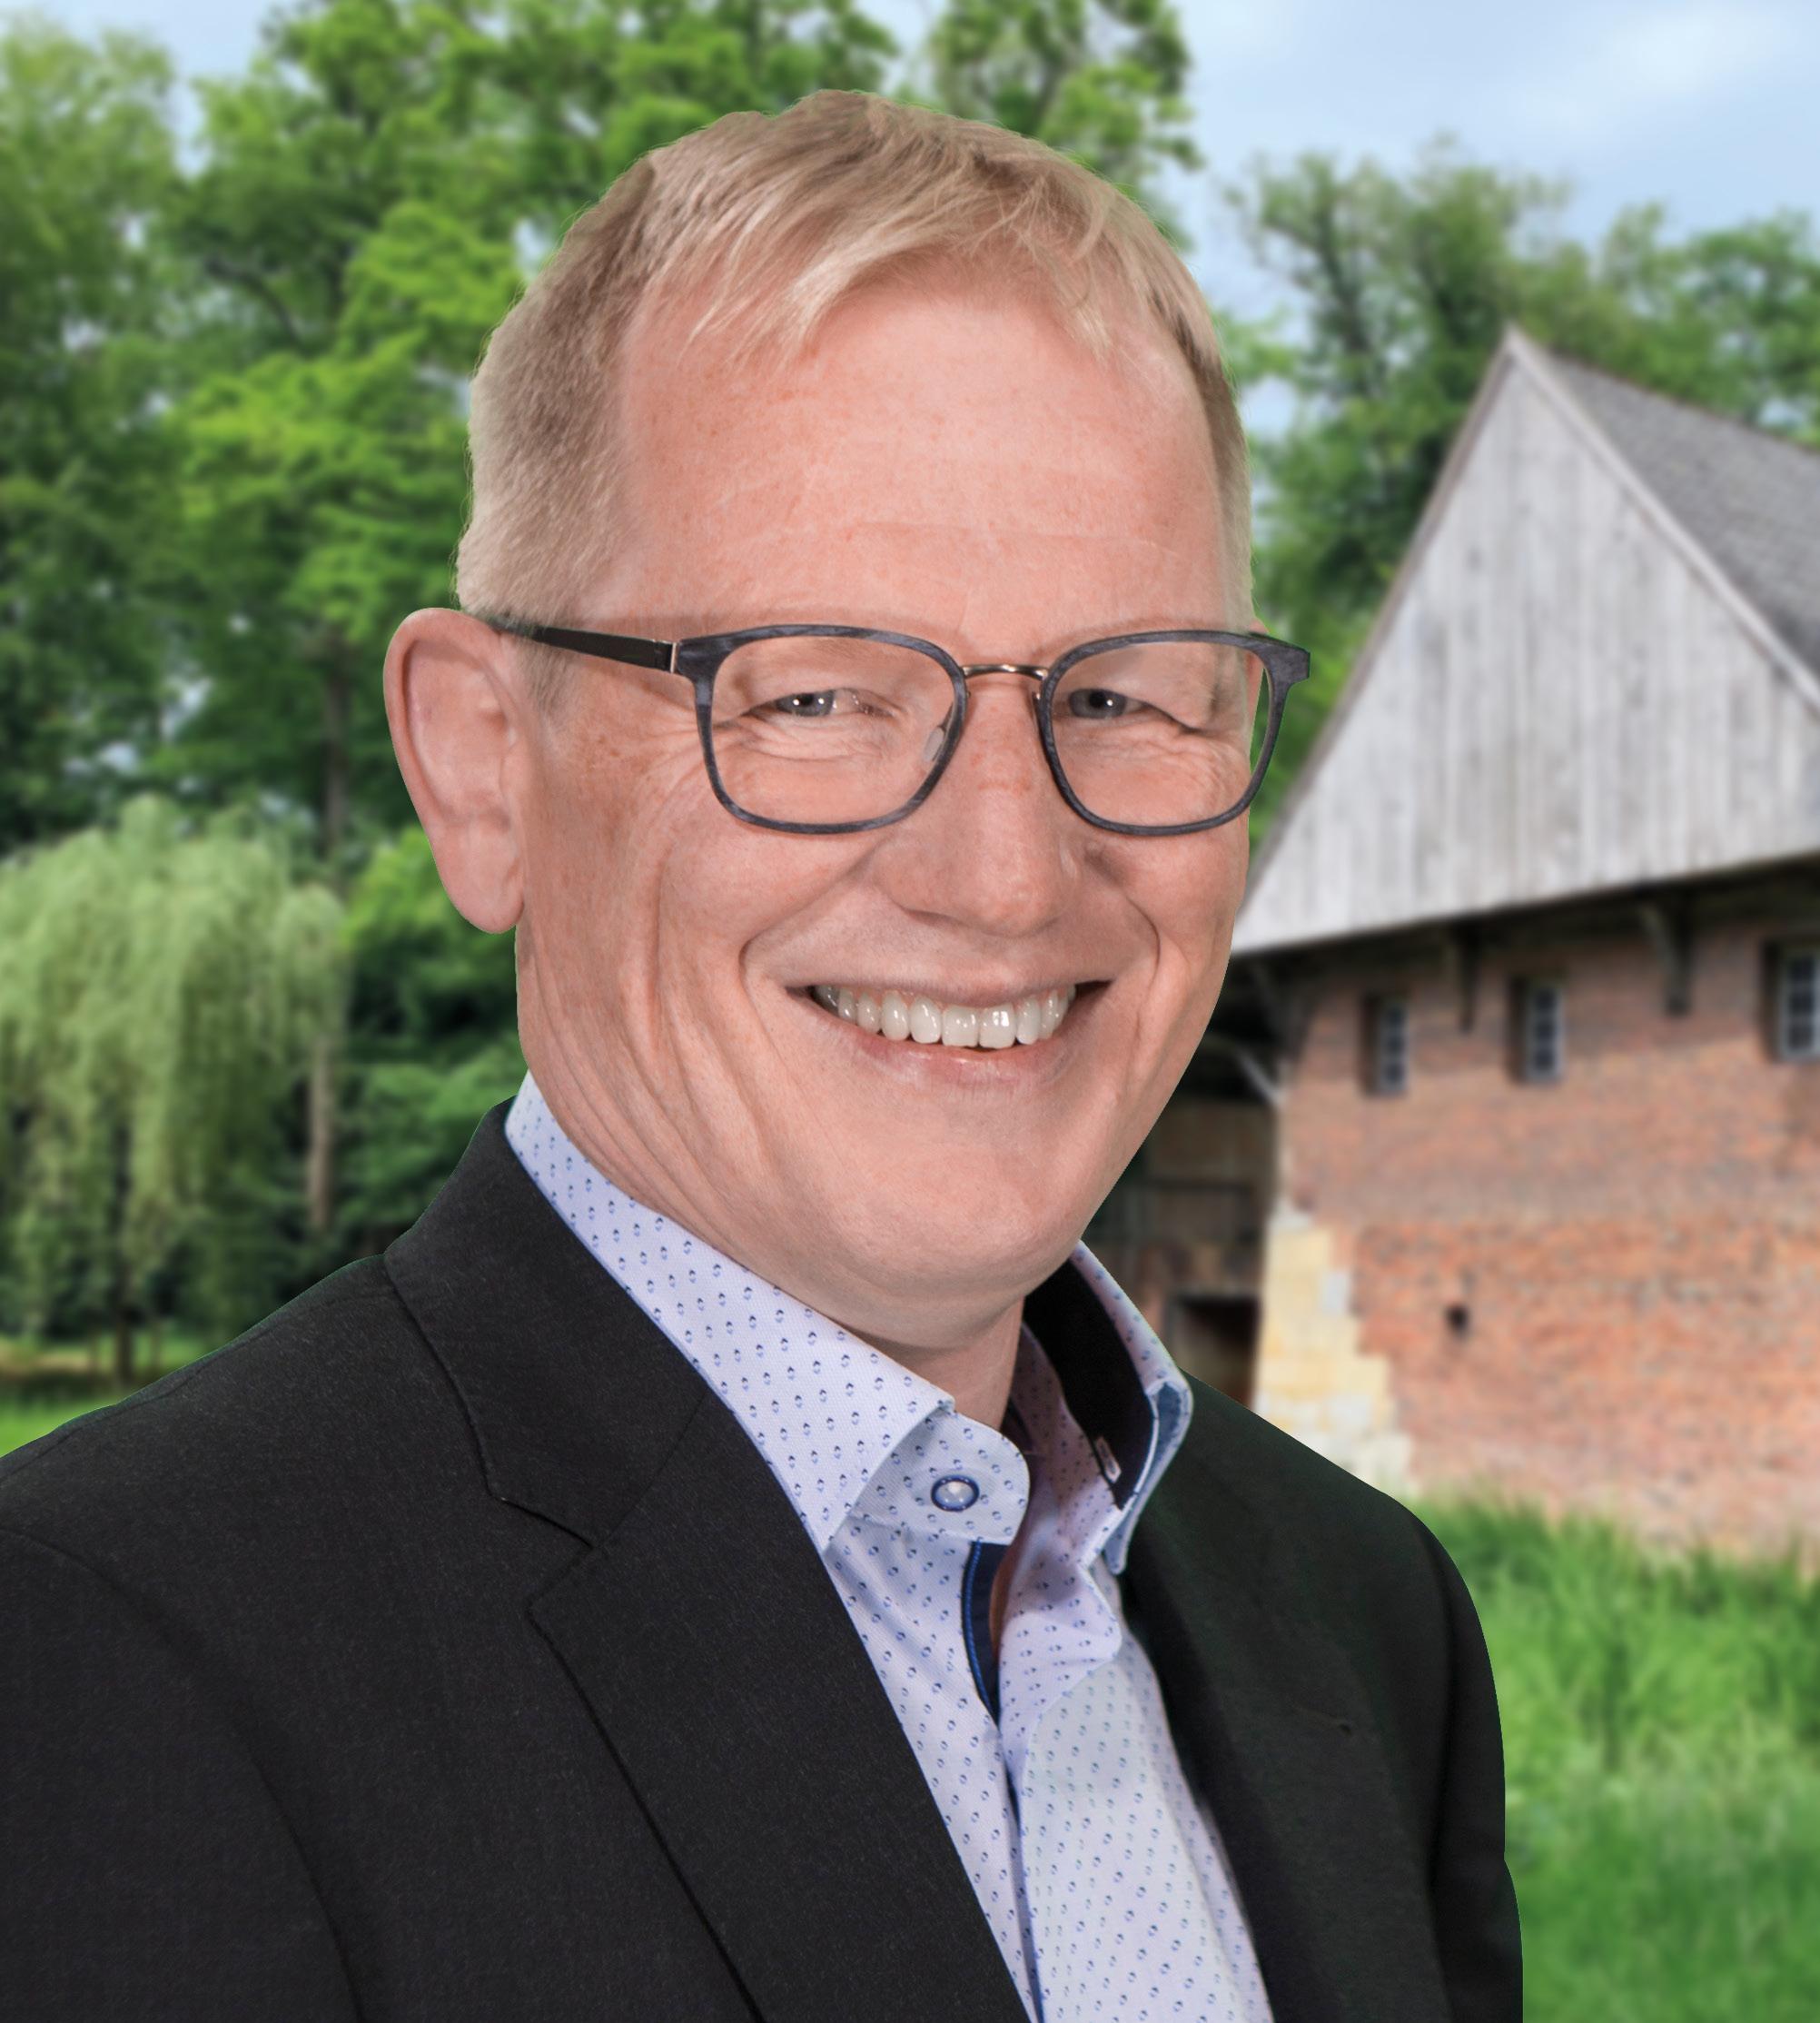 Bernd Hackfort